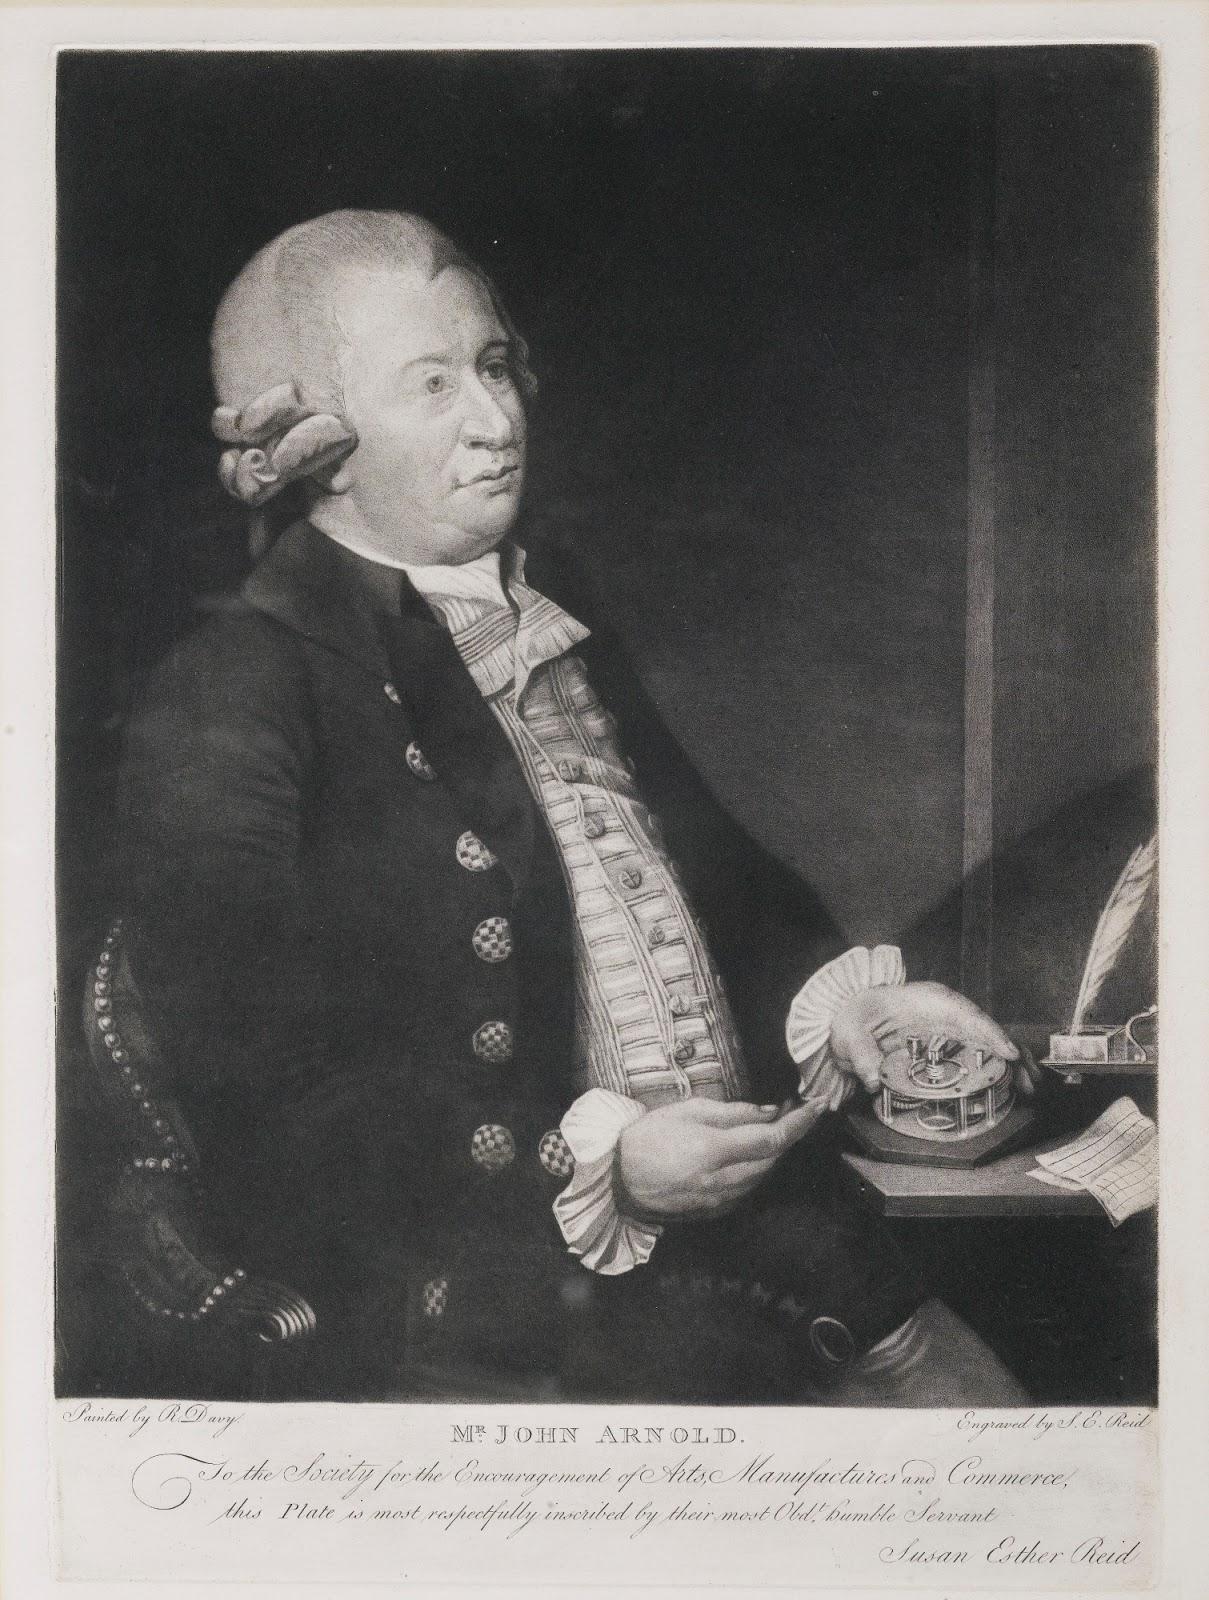 John-Arnold-1736-1799-circa1800.jpg